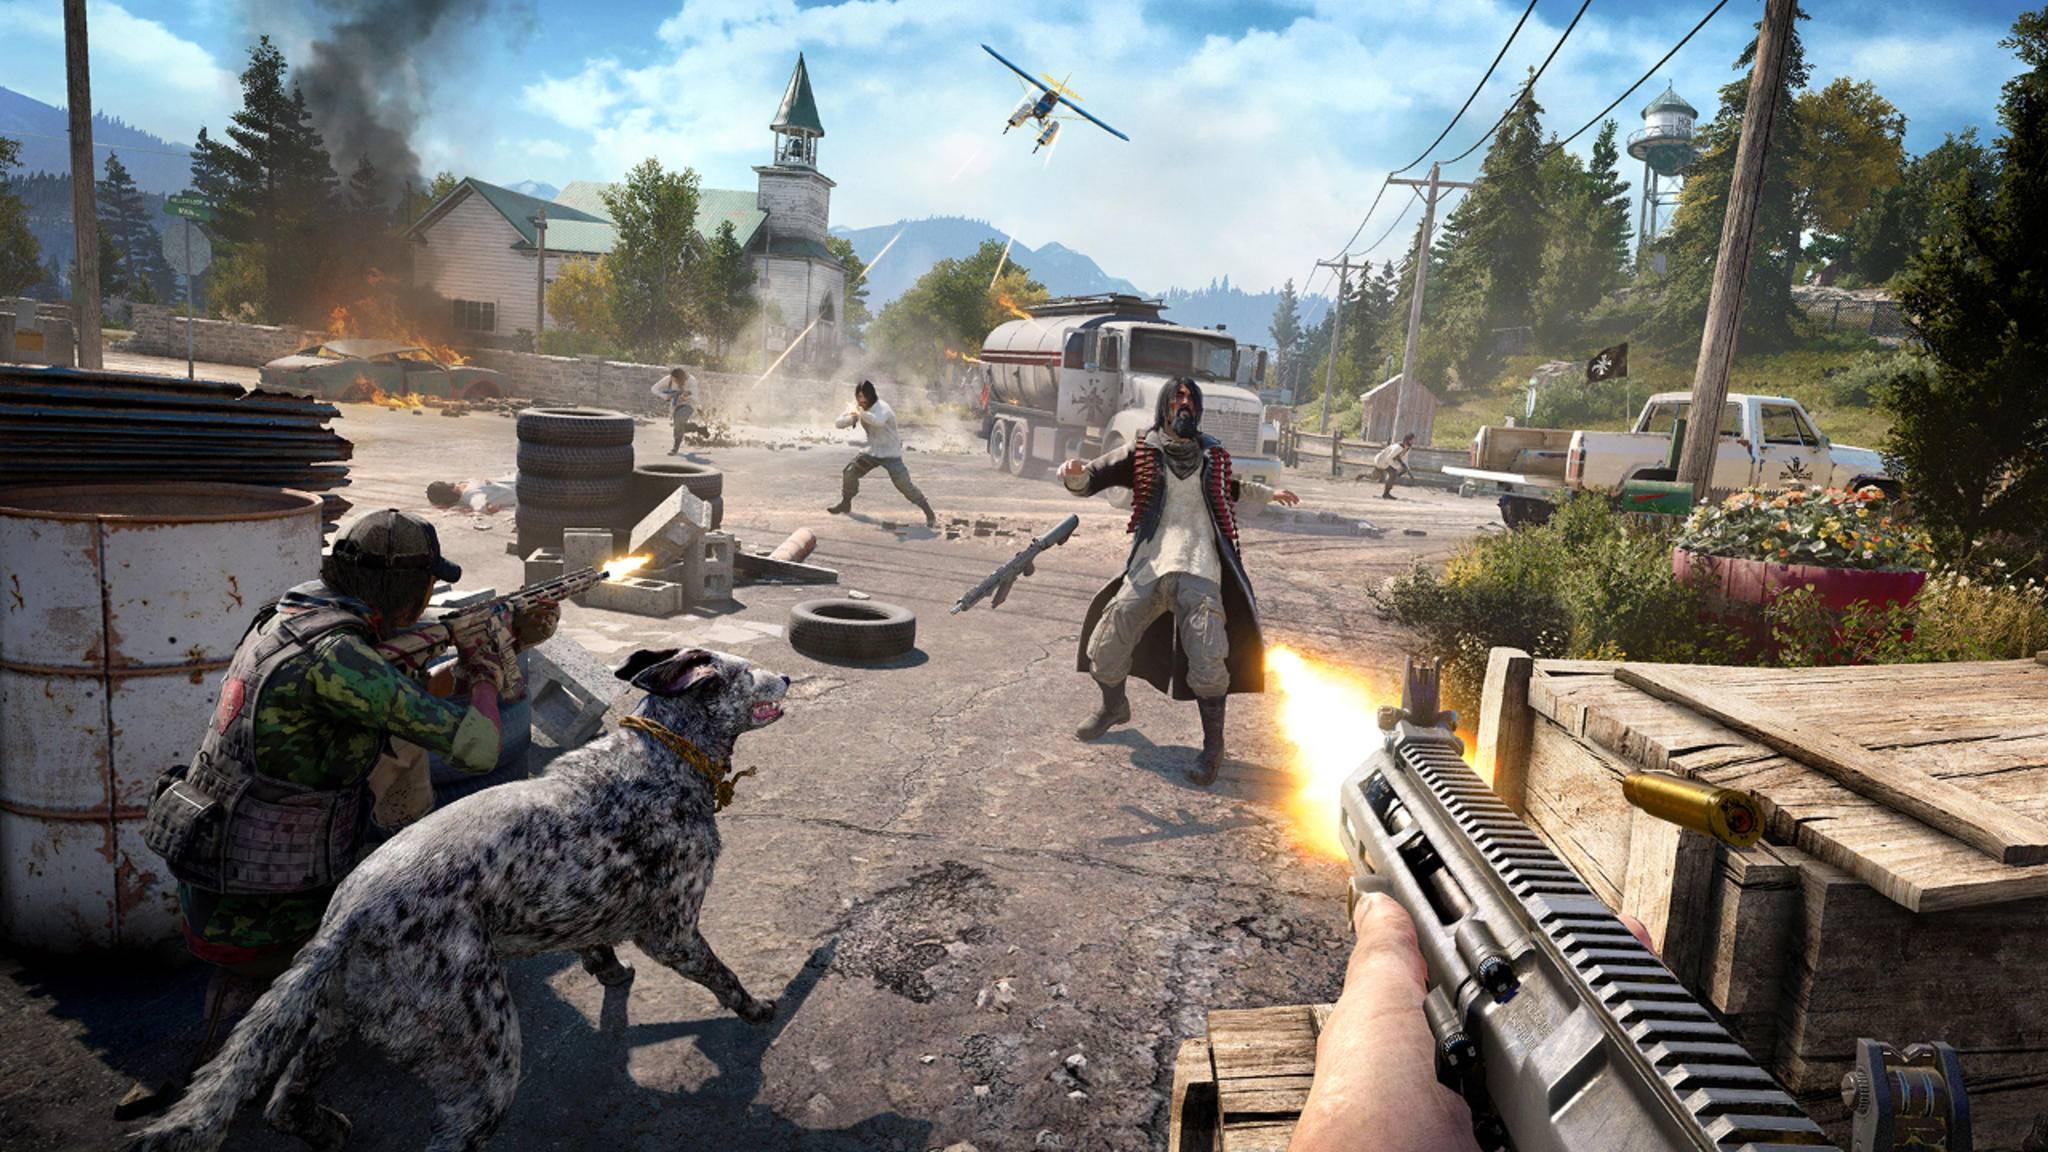 """Zu zweit gegen die finstere Sekte: In """"Far Cry 5"""" wird es einen Online-Koop-Modus für die gesamte Kampagne geben."""